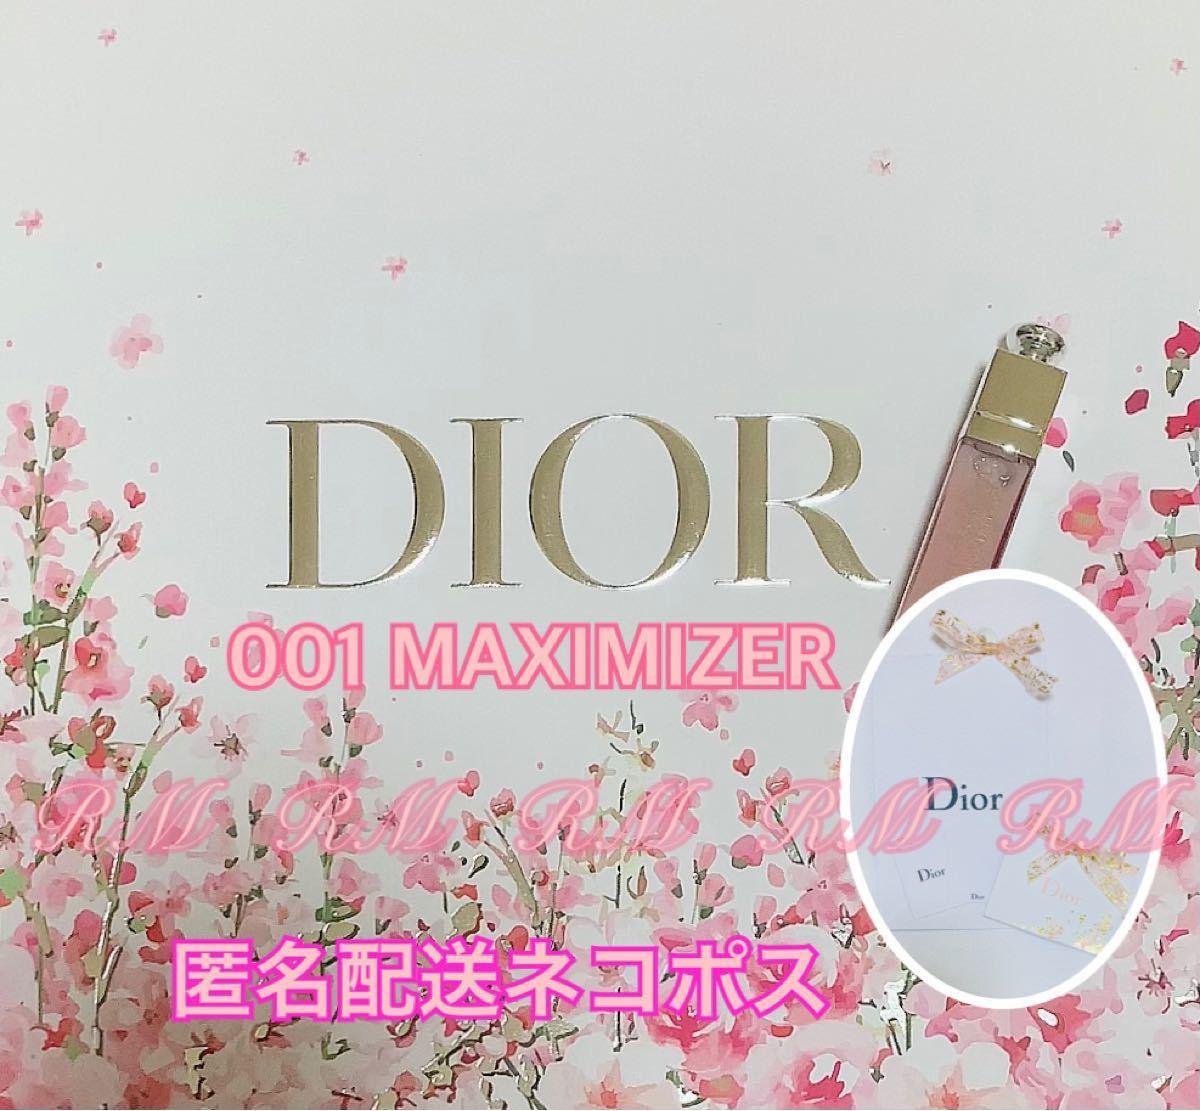 Dior マキシマイザー ミニサイズ 001 2ml